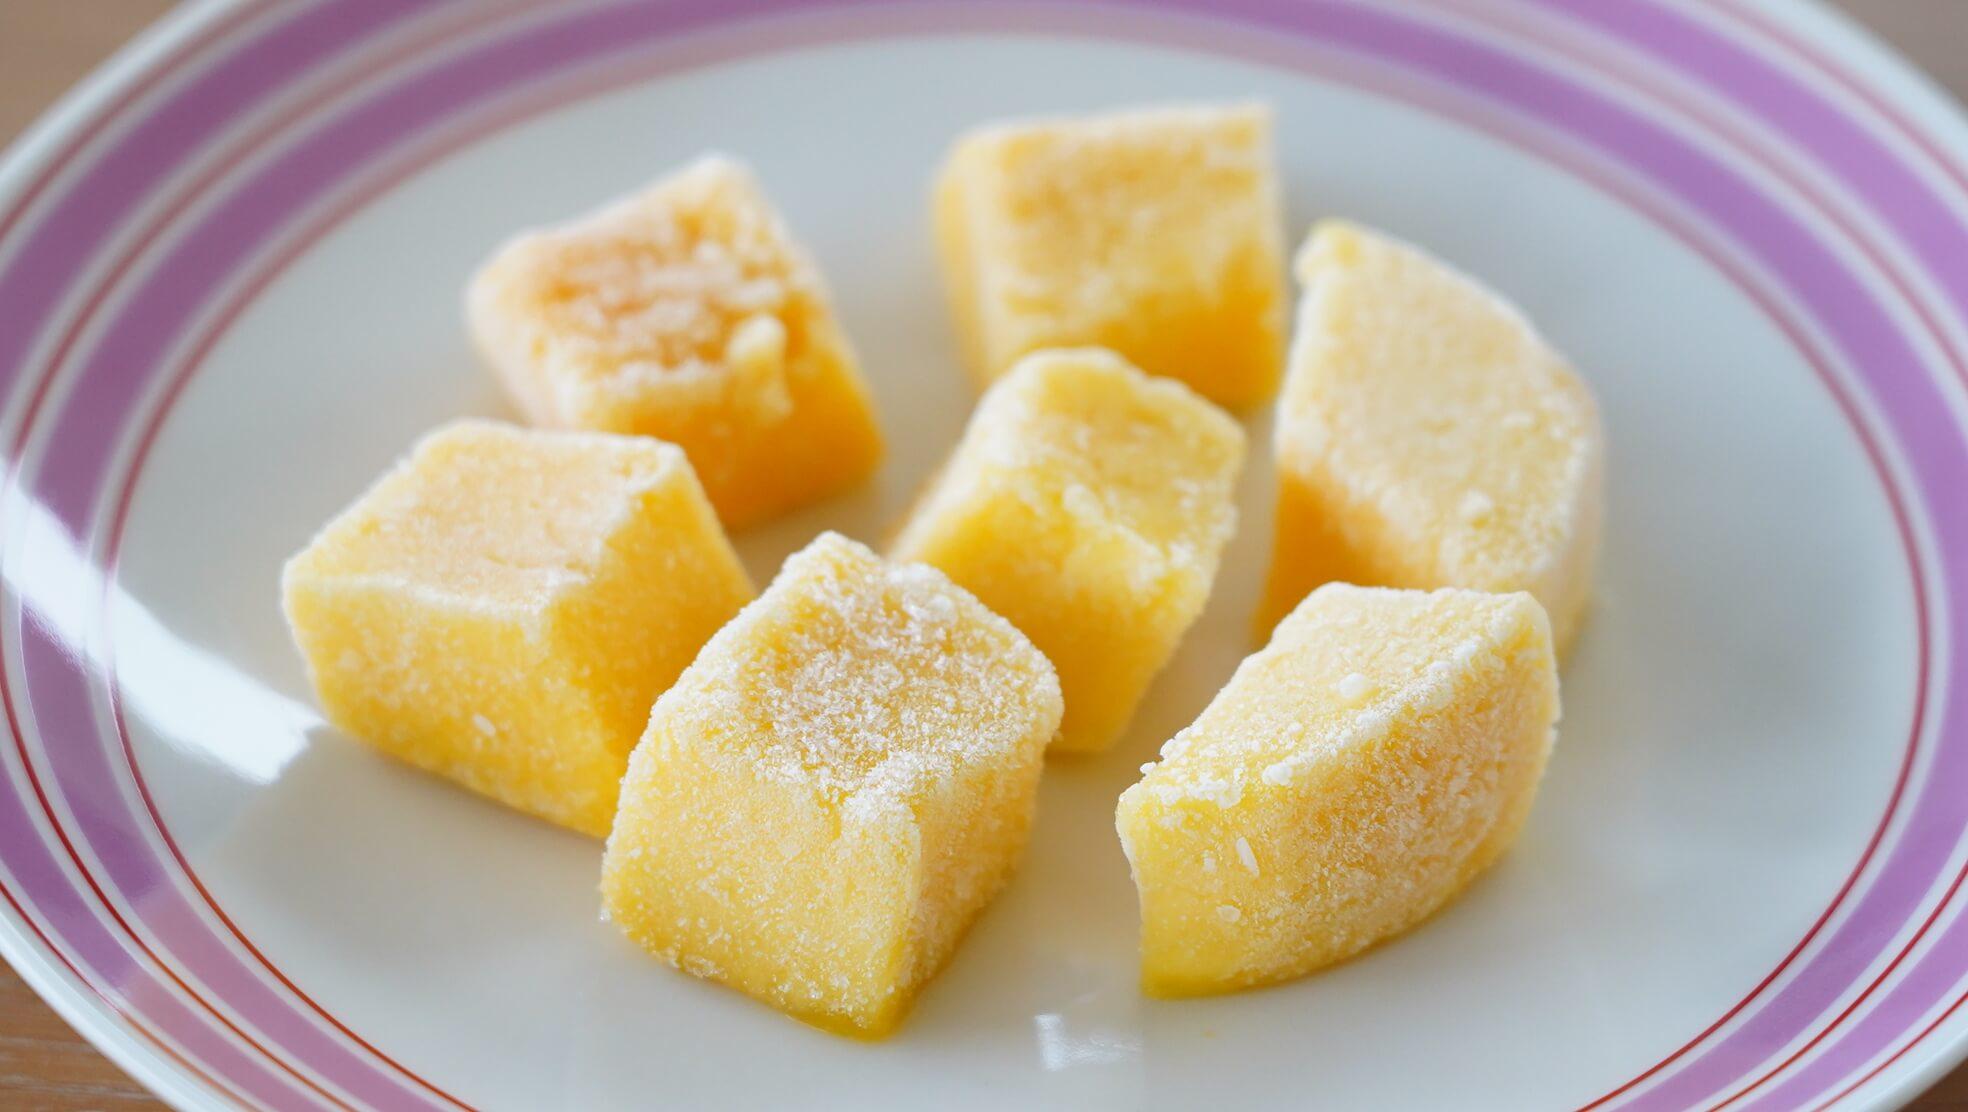 解凍前のコストコの冷凍マンゴー「トロピカルマリア・マンゴーチャンク」を皿に盛りつけた写真